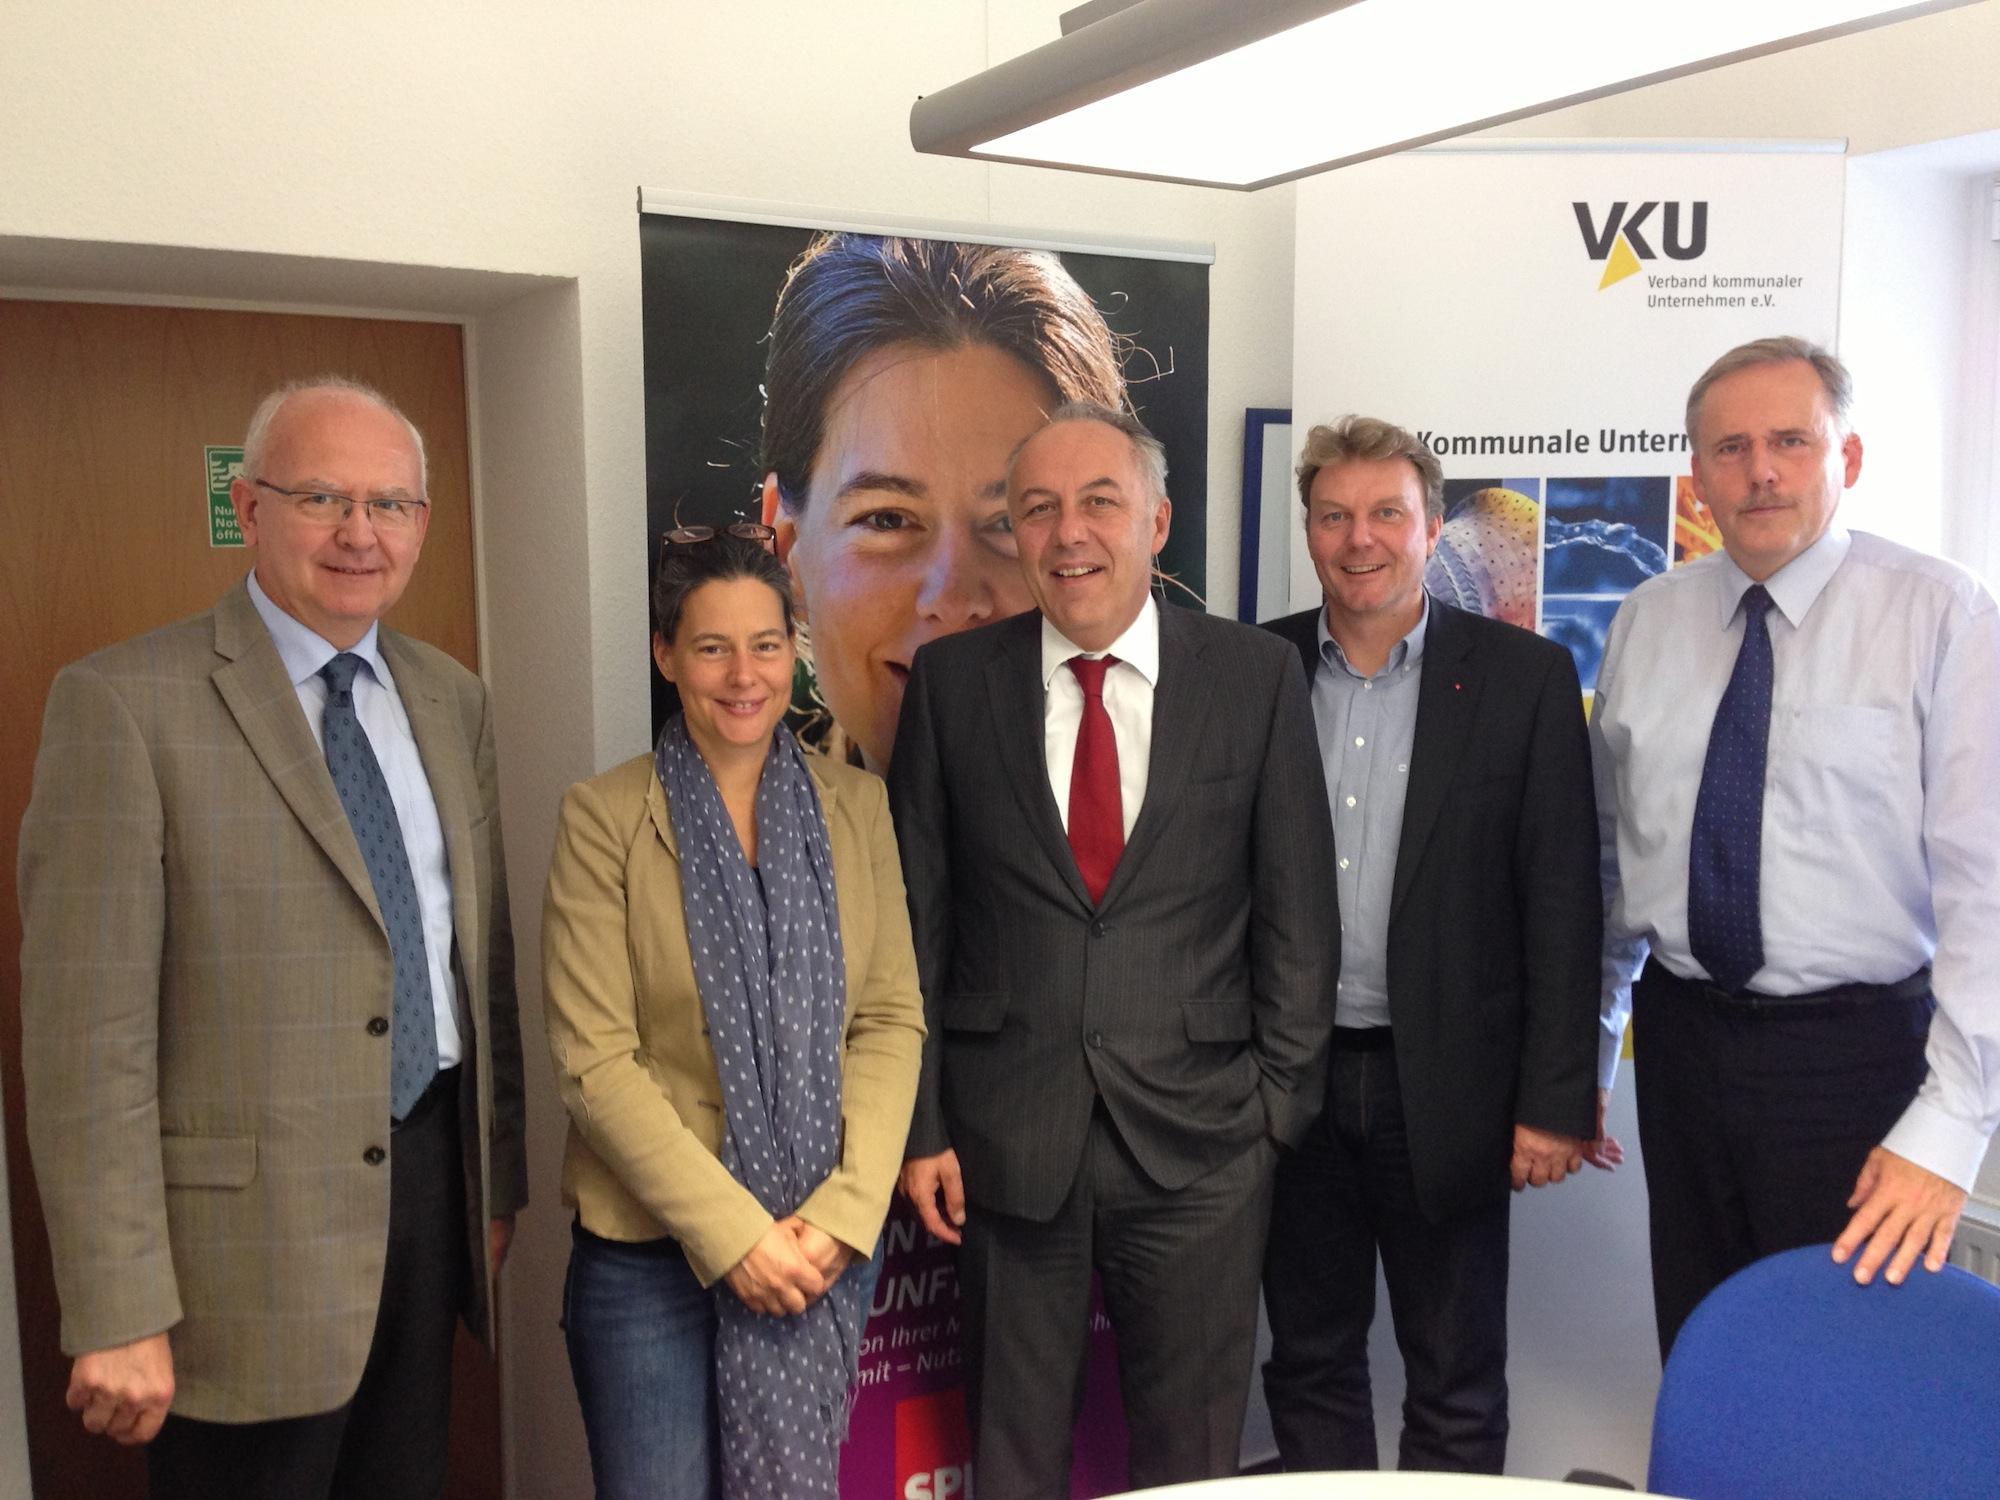 v.l.n.r.: Dieter Perdelwitz, Nina Scheer, Matthias Machnig, Olaf Schulze, Detlef Palm